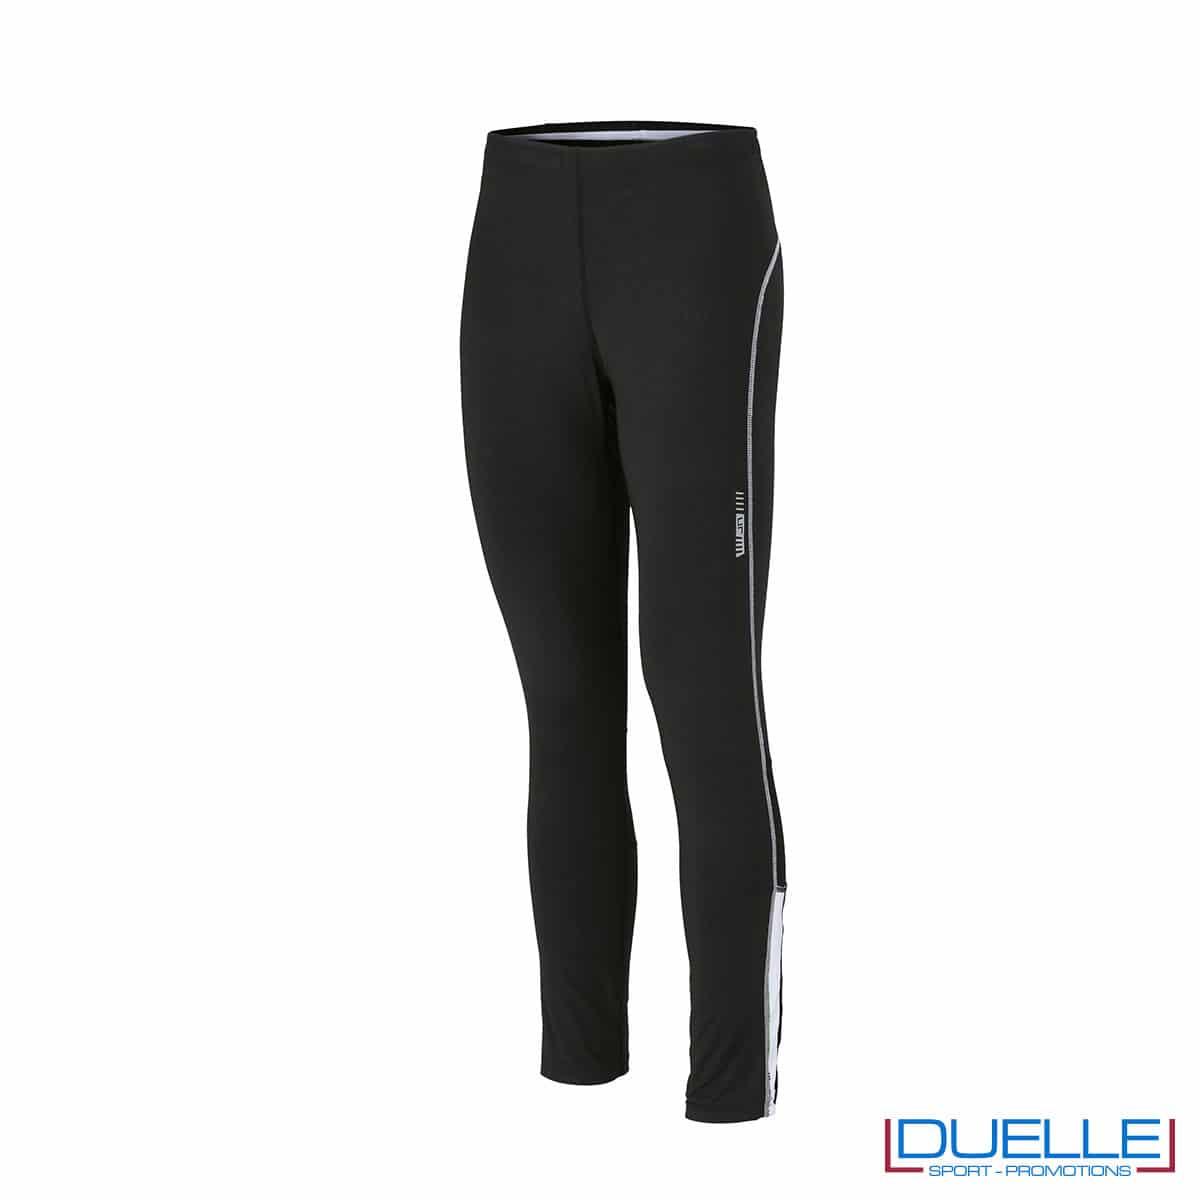 Pantaloni running nero /bianco personalizzati